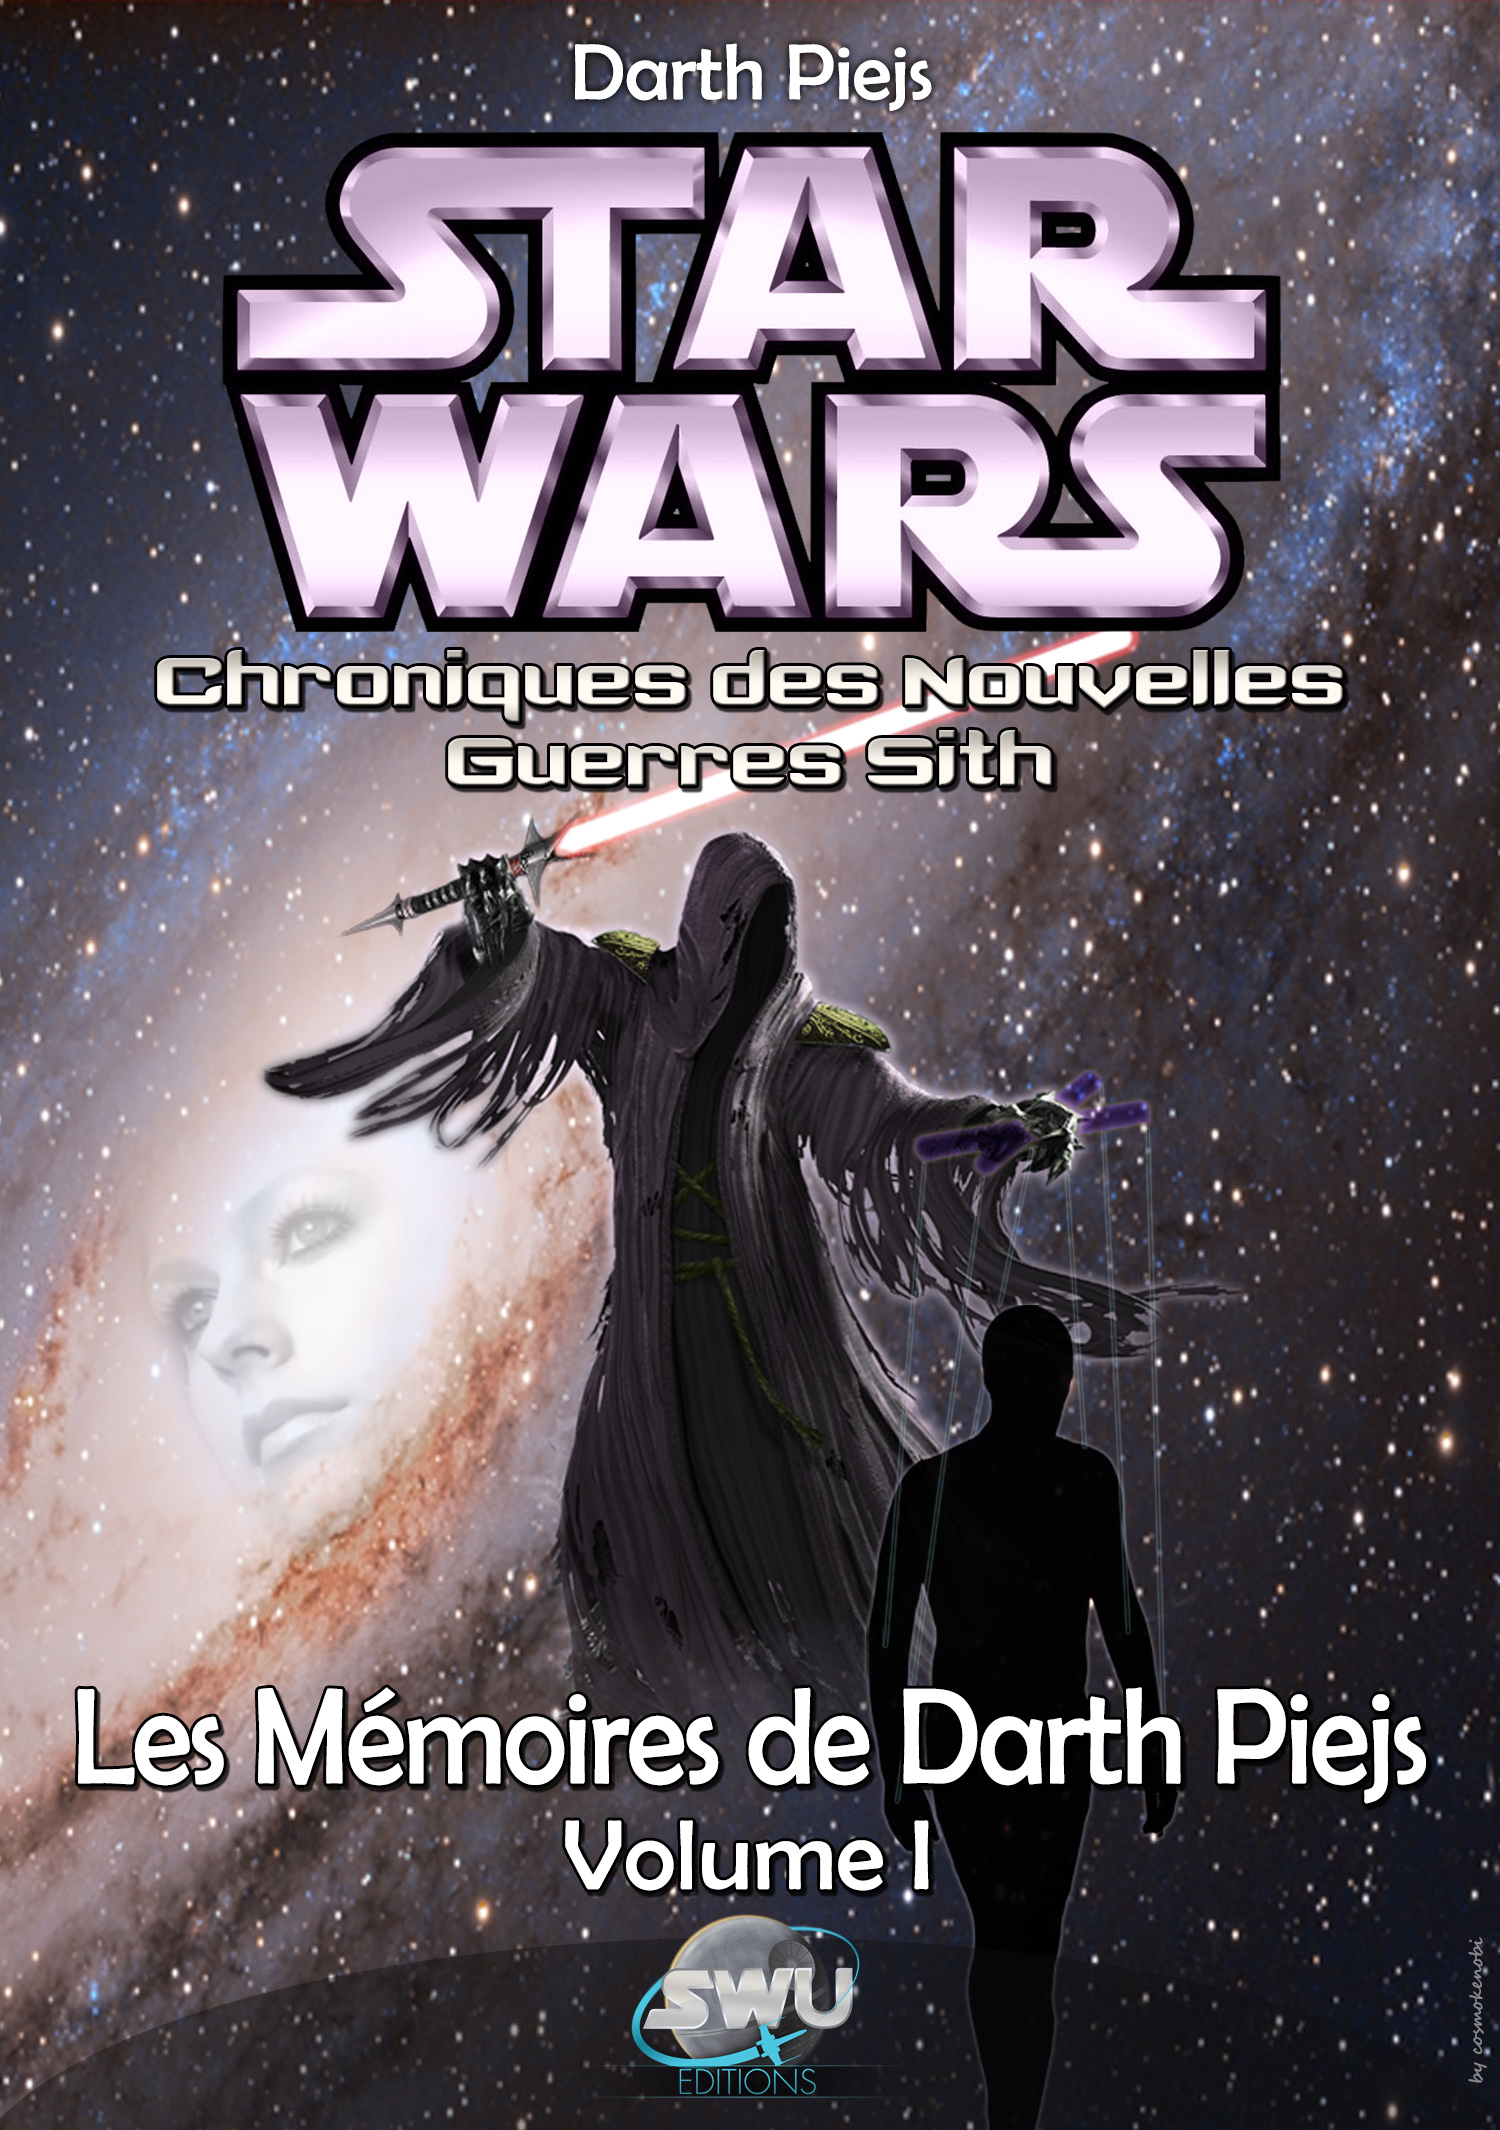 Les Mémoires de Darth Piejs - Volume 1